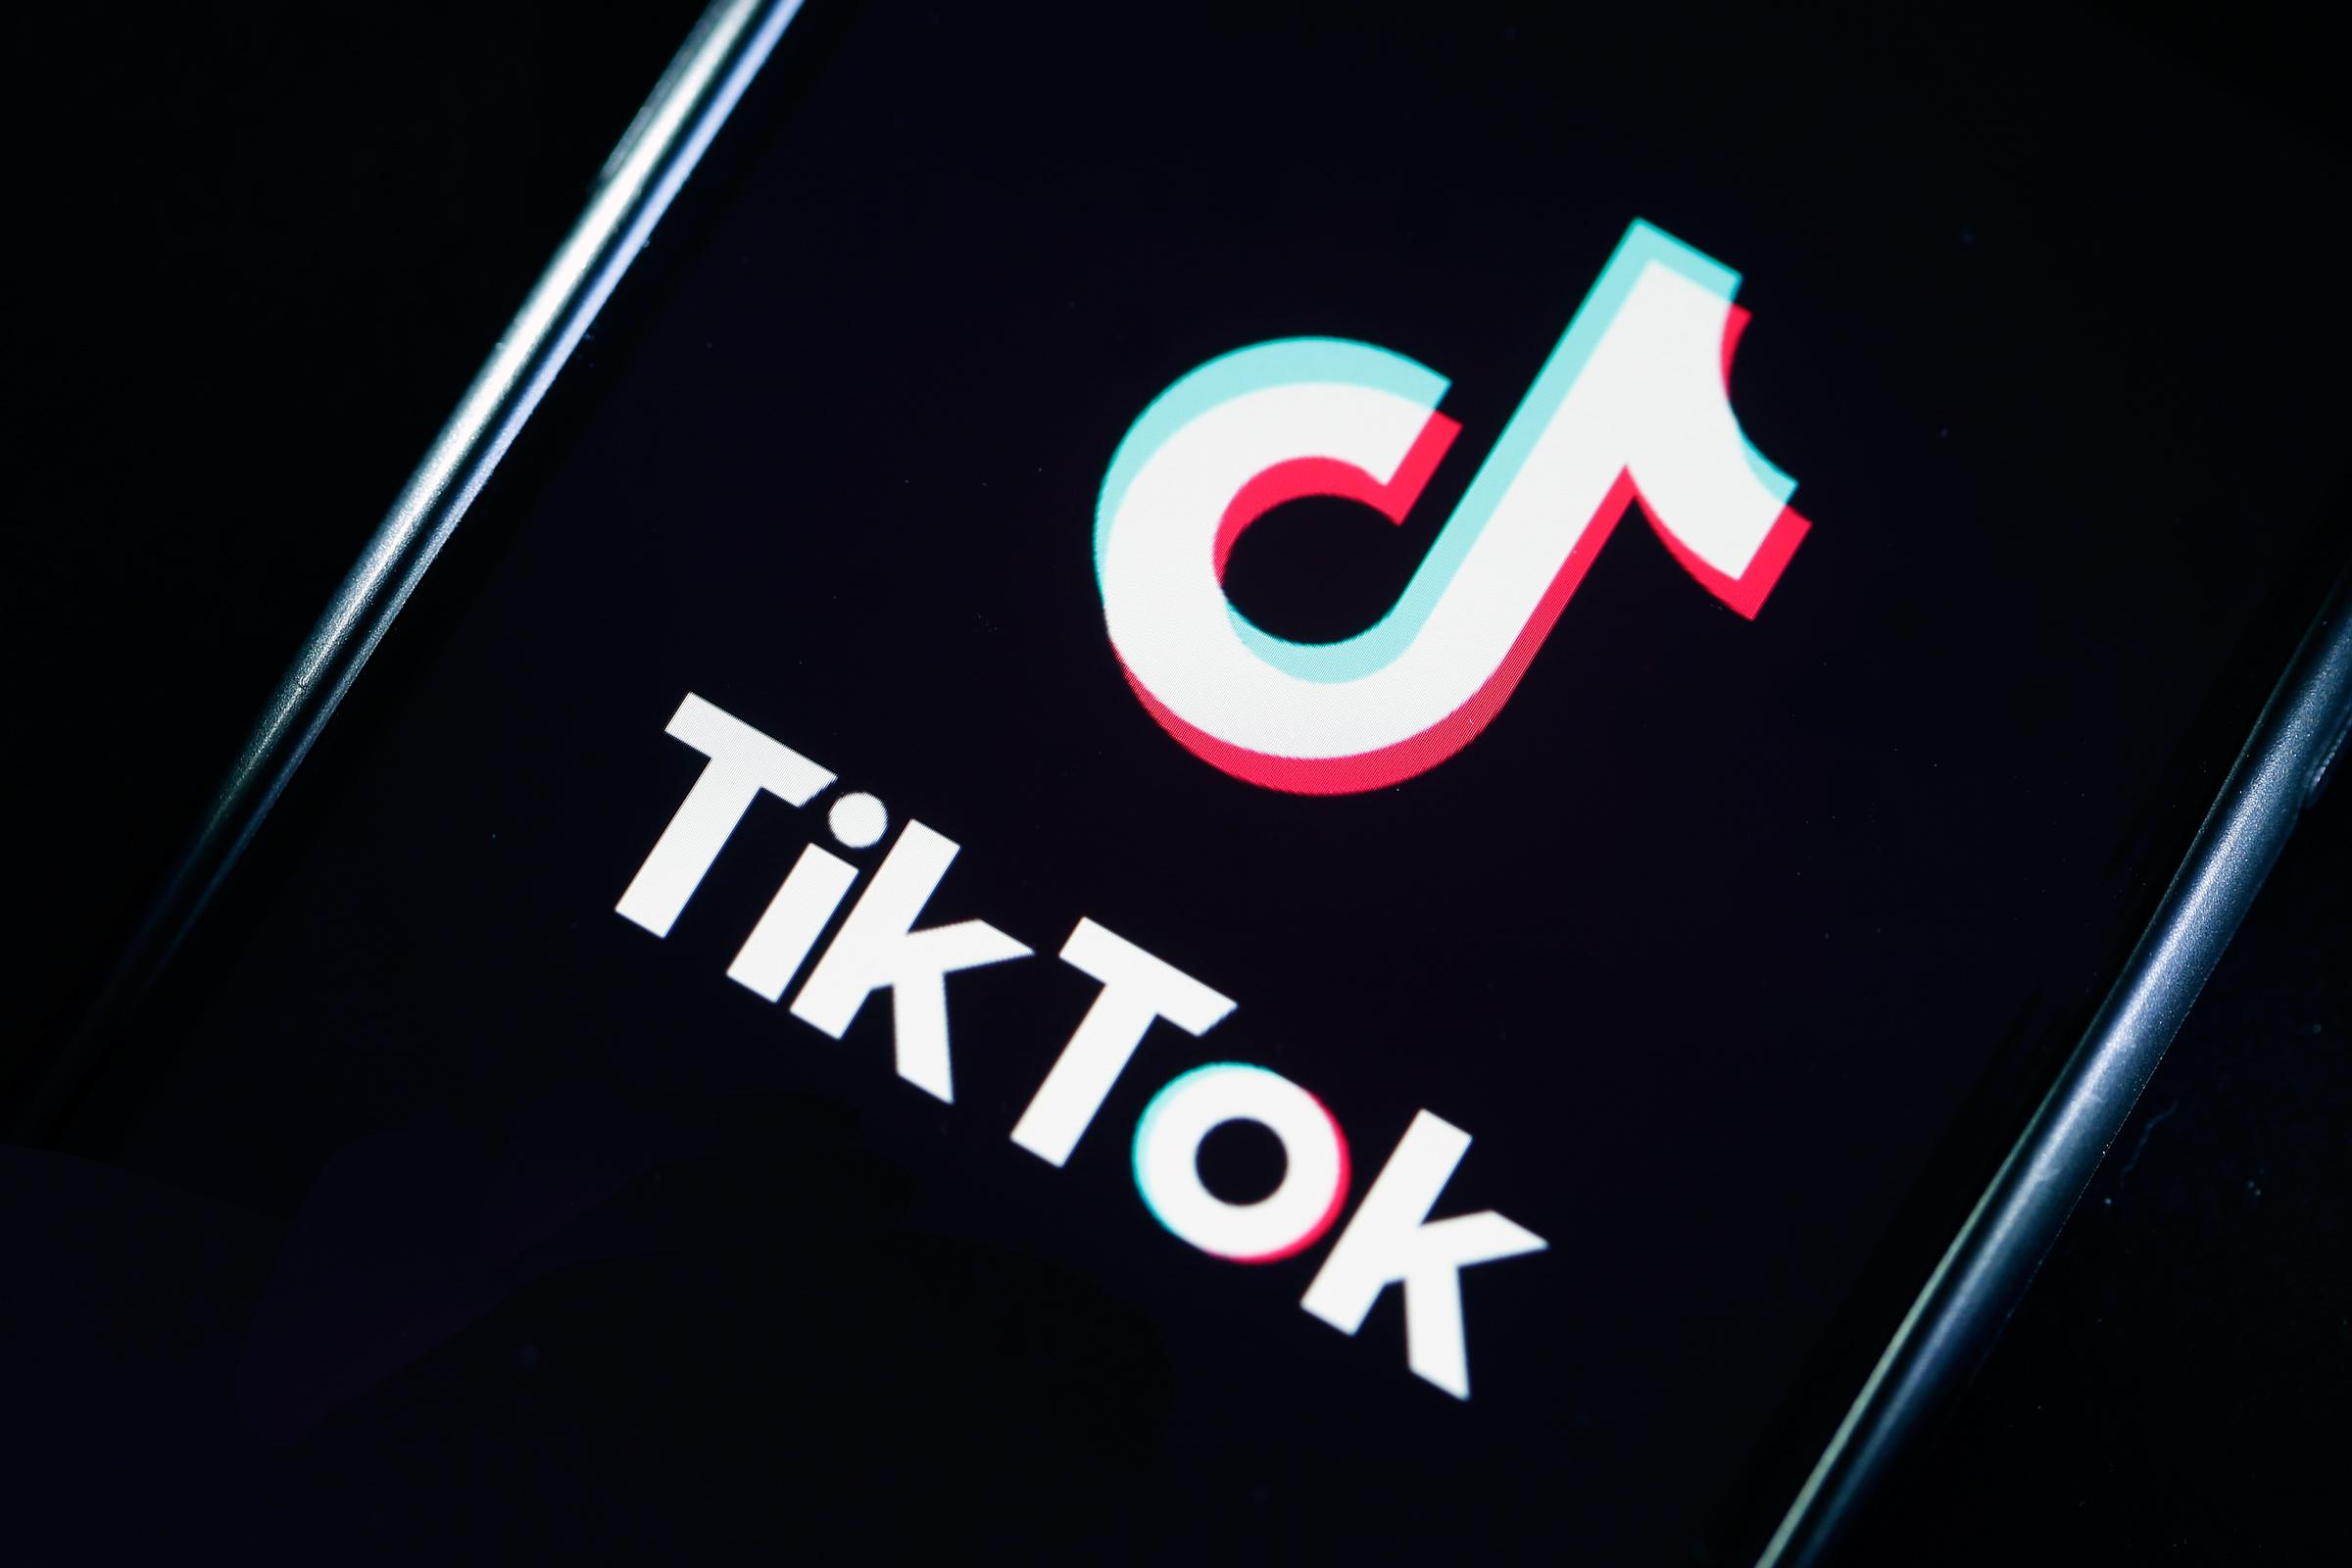 TikTok video resumes